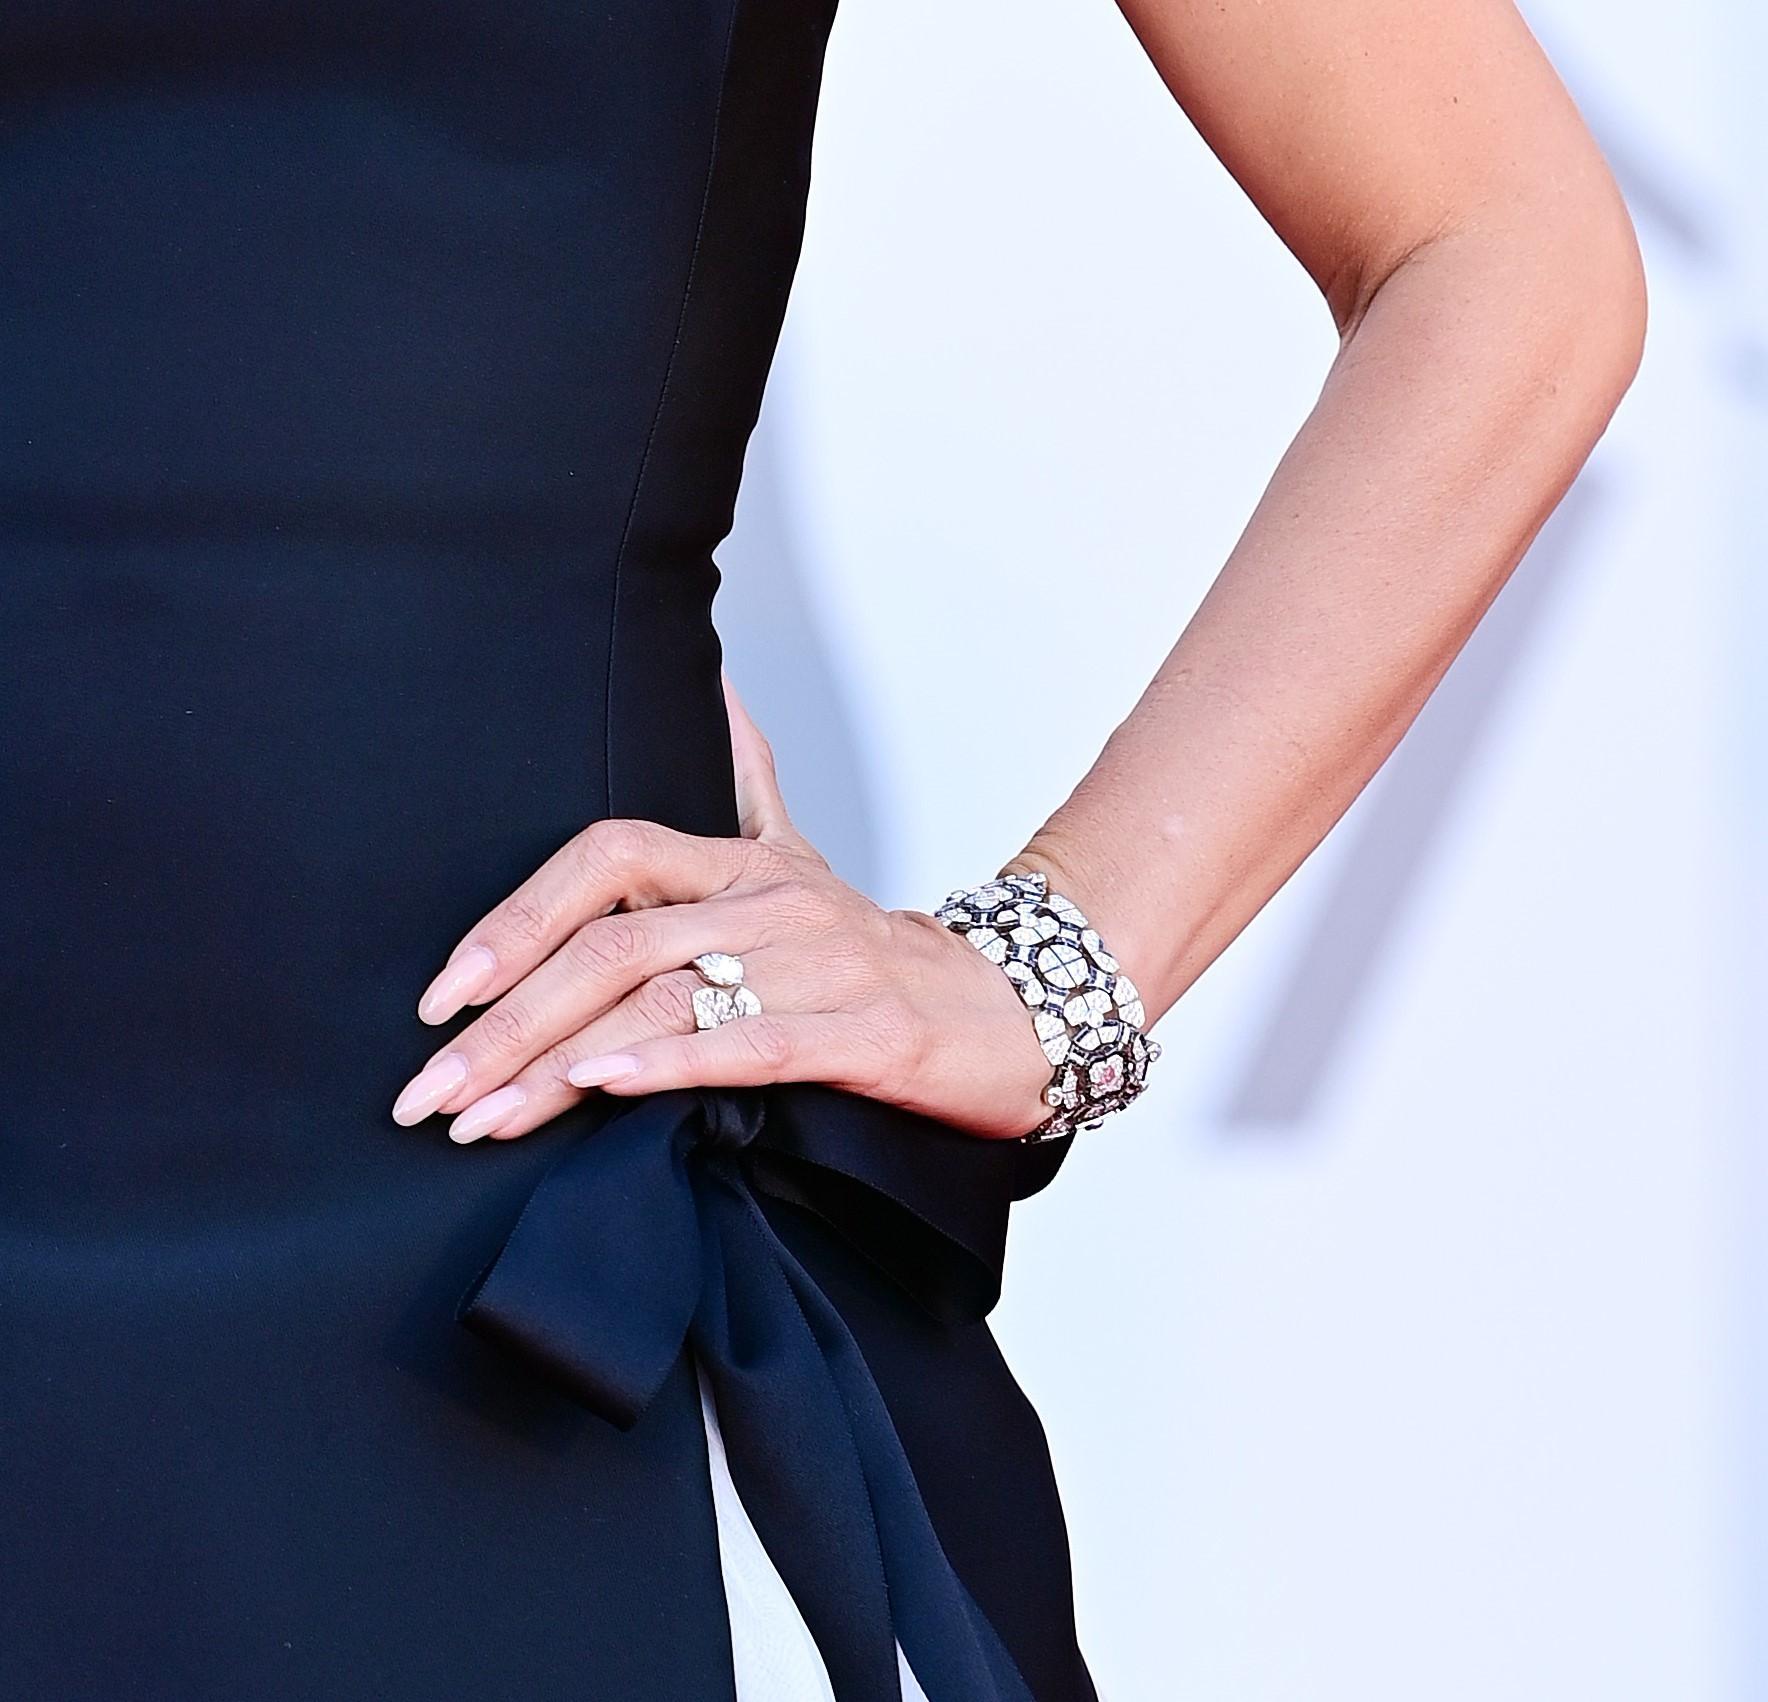 Brazalete y anillo de Alta Joyería de Chanel que llevó Penélope Cruz en Venecia.